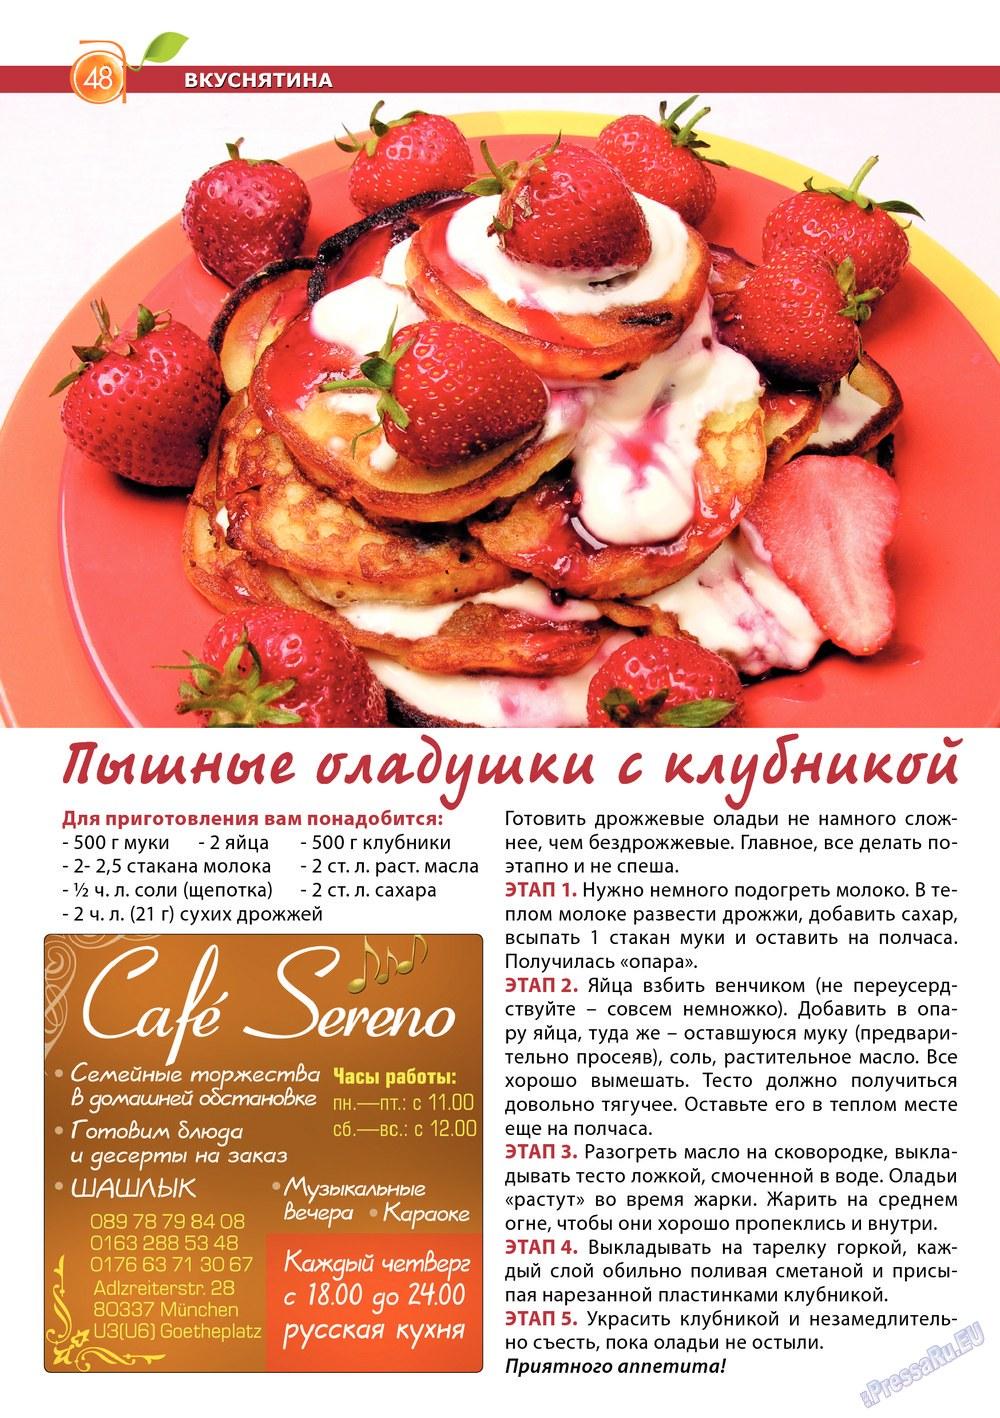 Апельсин (журнал). 2013 год, номер 47, стр. 46